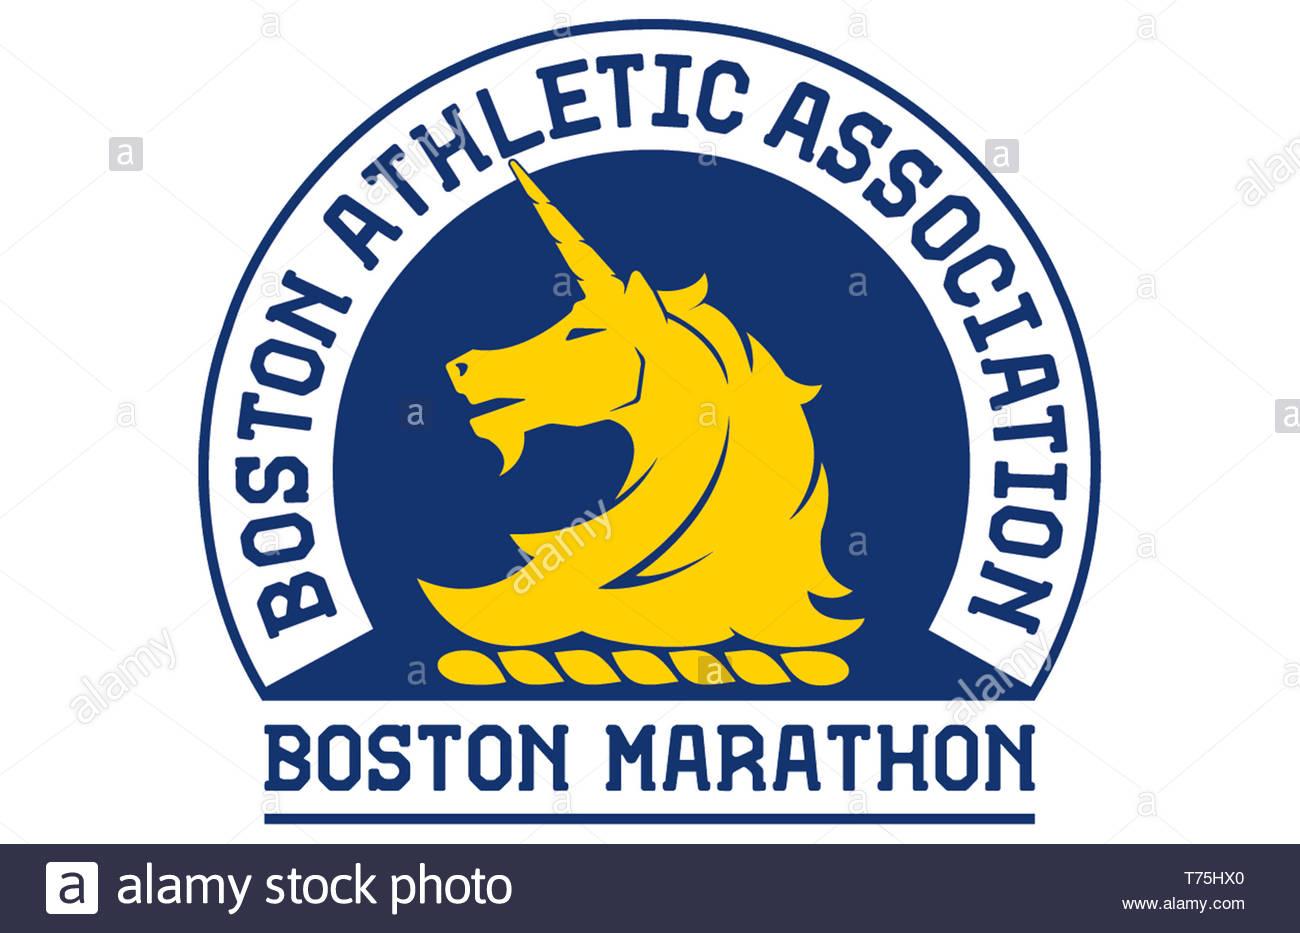 Race Marathon Logo Stockfotos & Race Marathon Logo Bilder